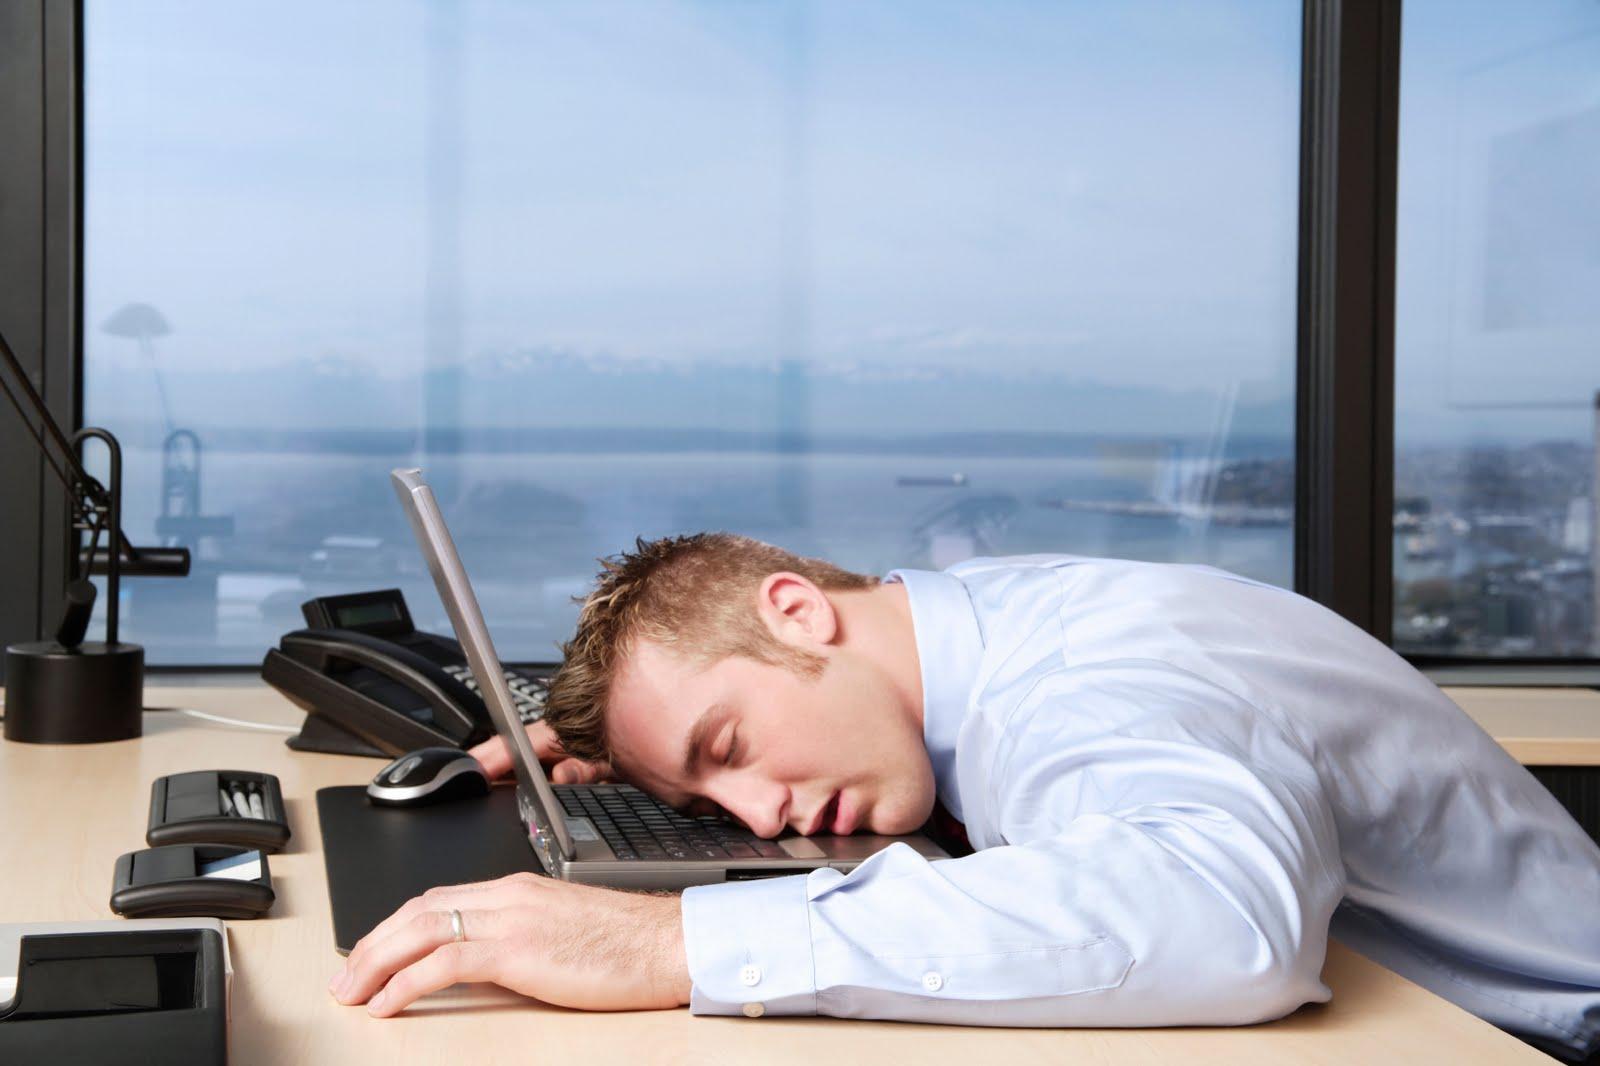 علماء: من مصلحة العمل أن ينام الموظفون قليلا في أماكن عملهم